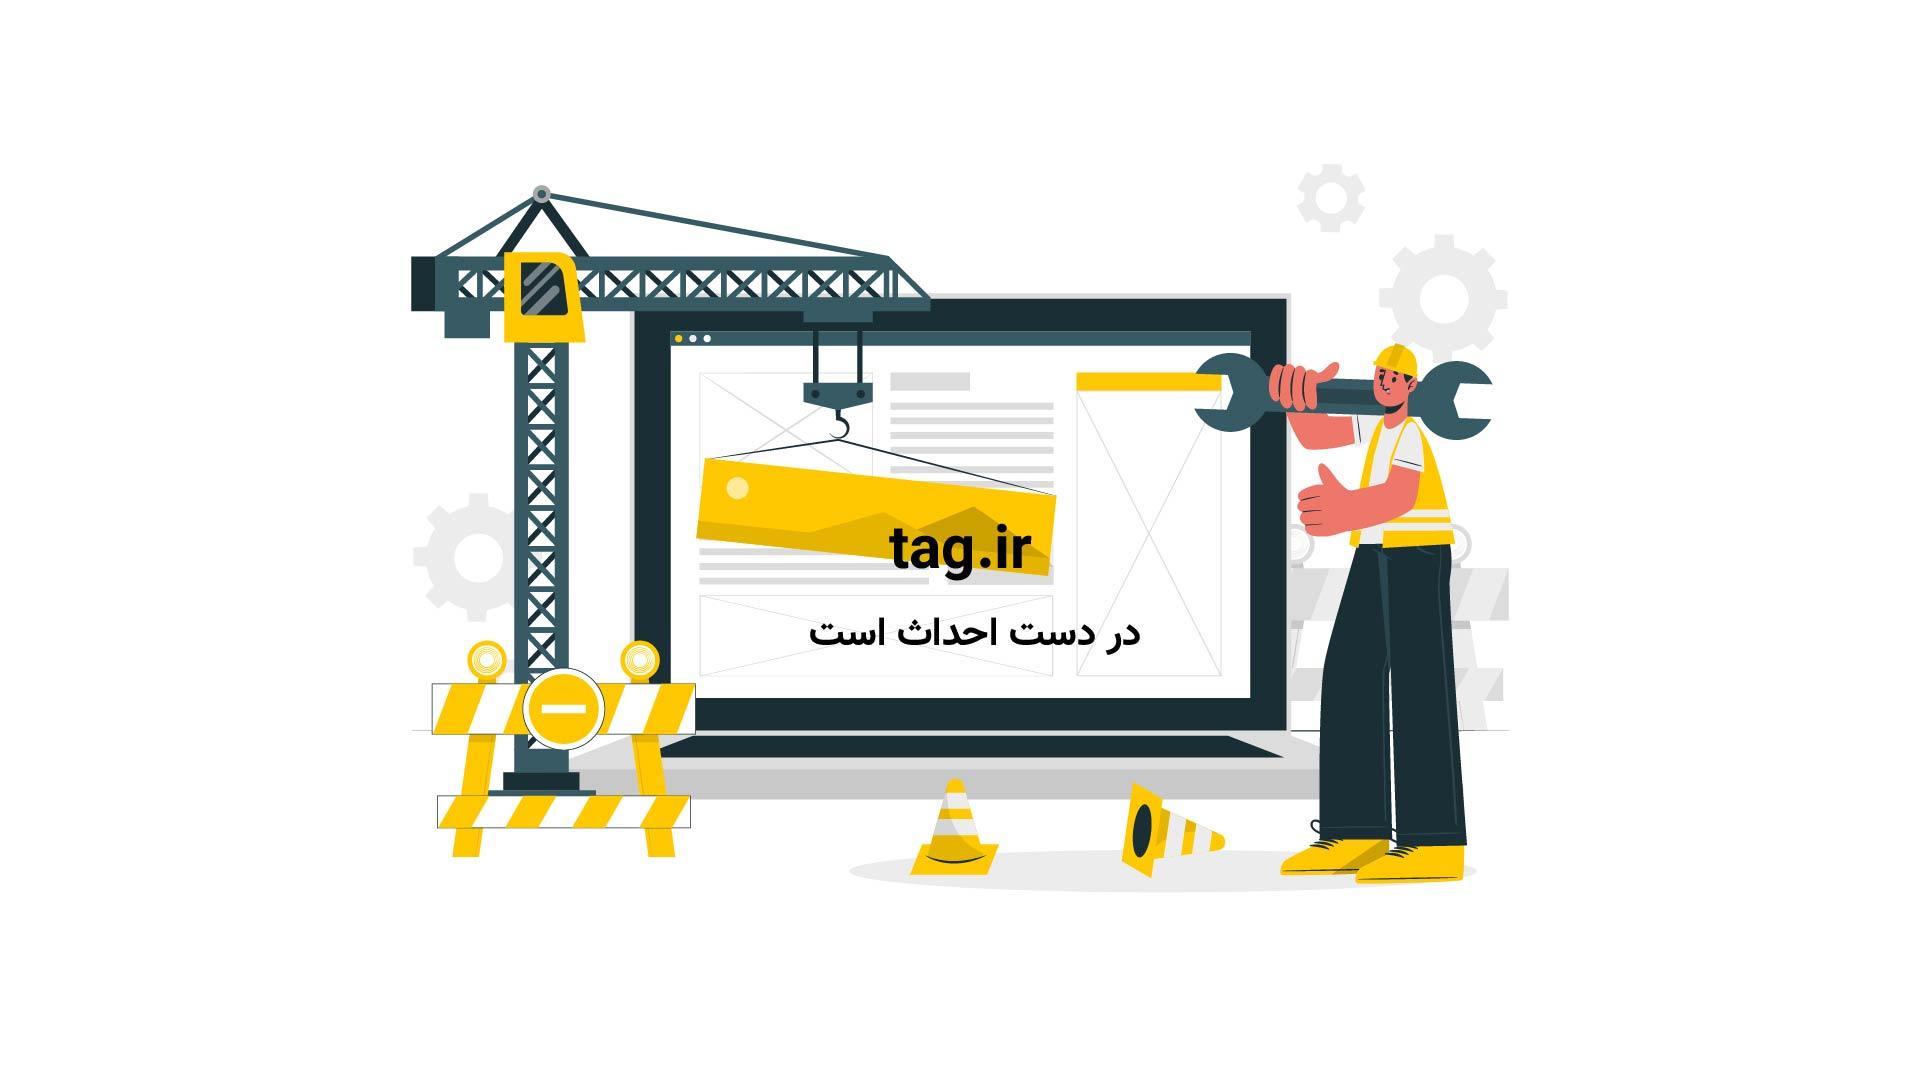 محبت کودکانه | تگ